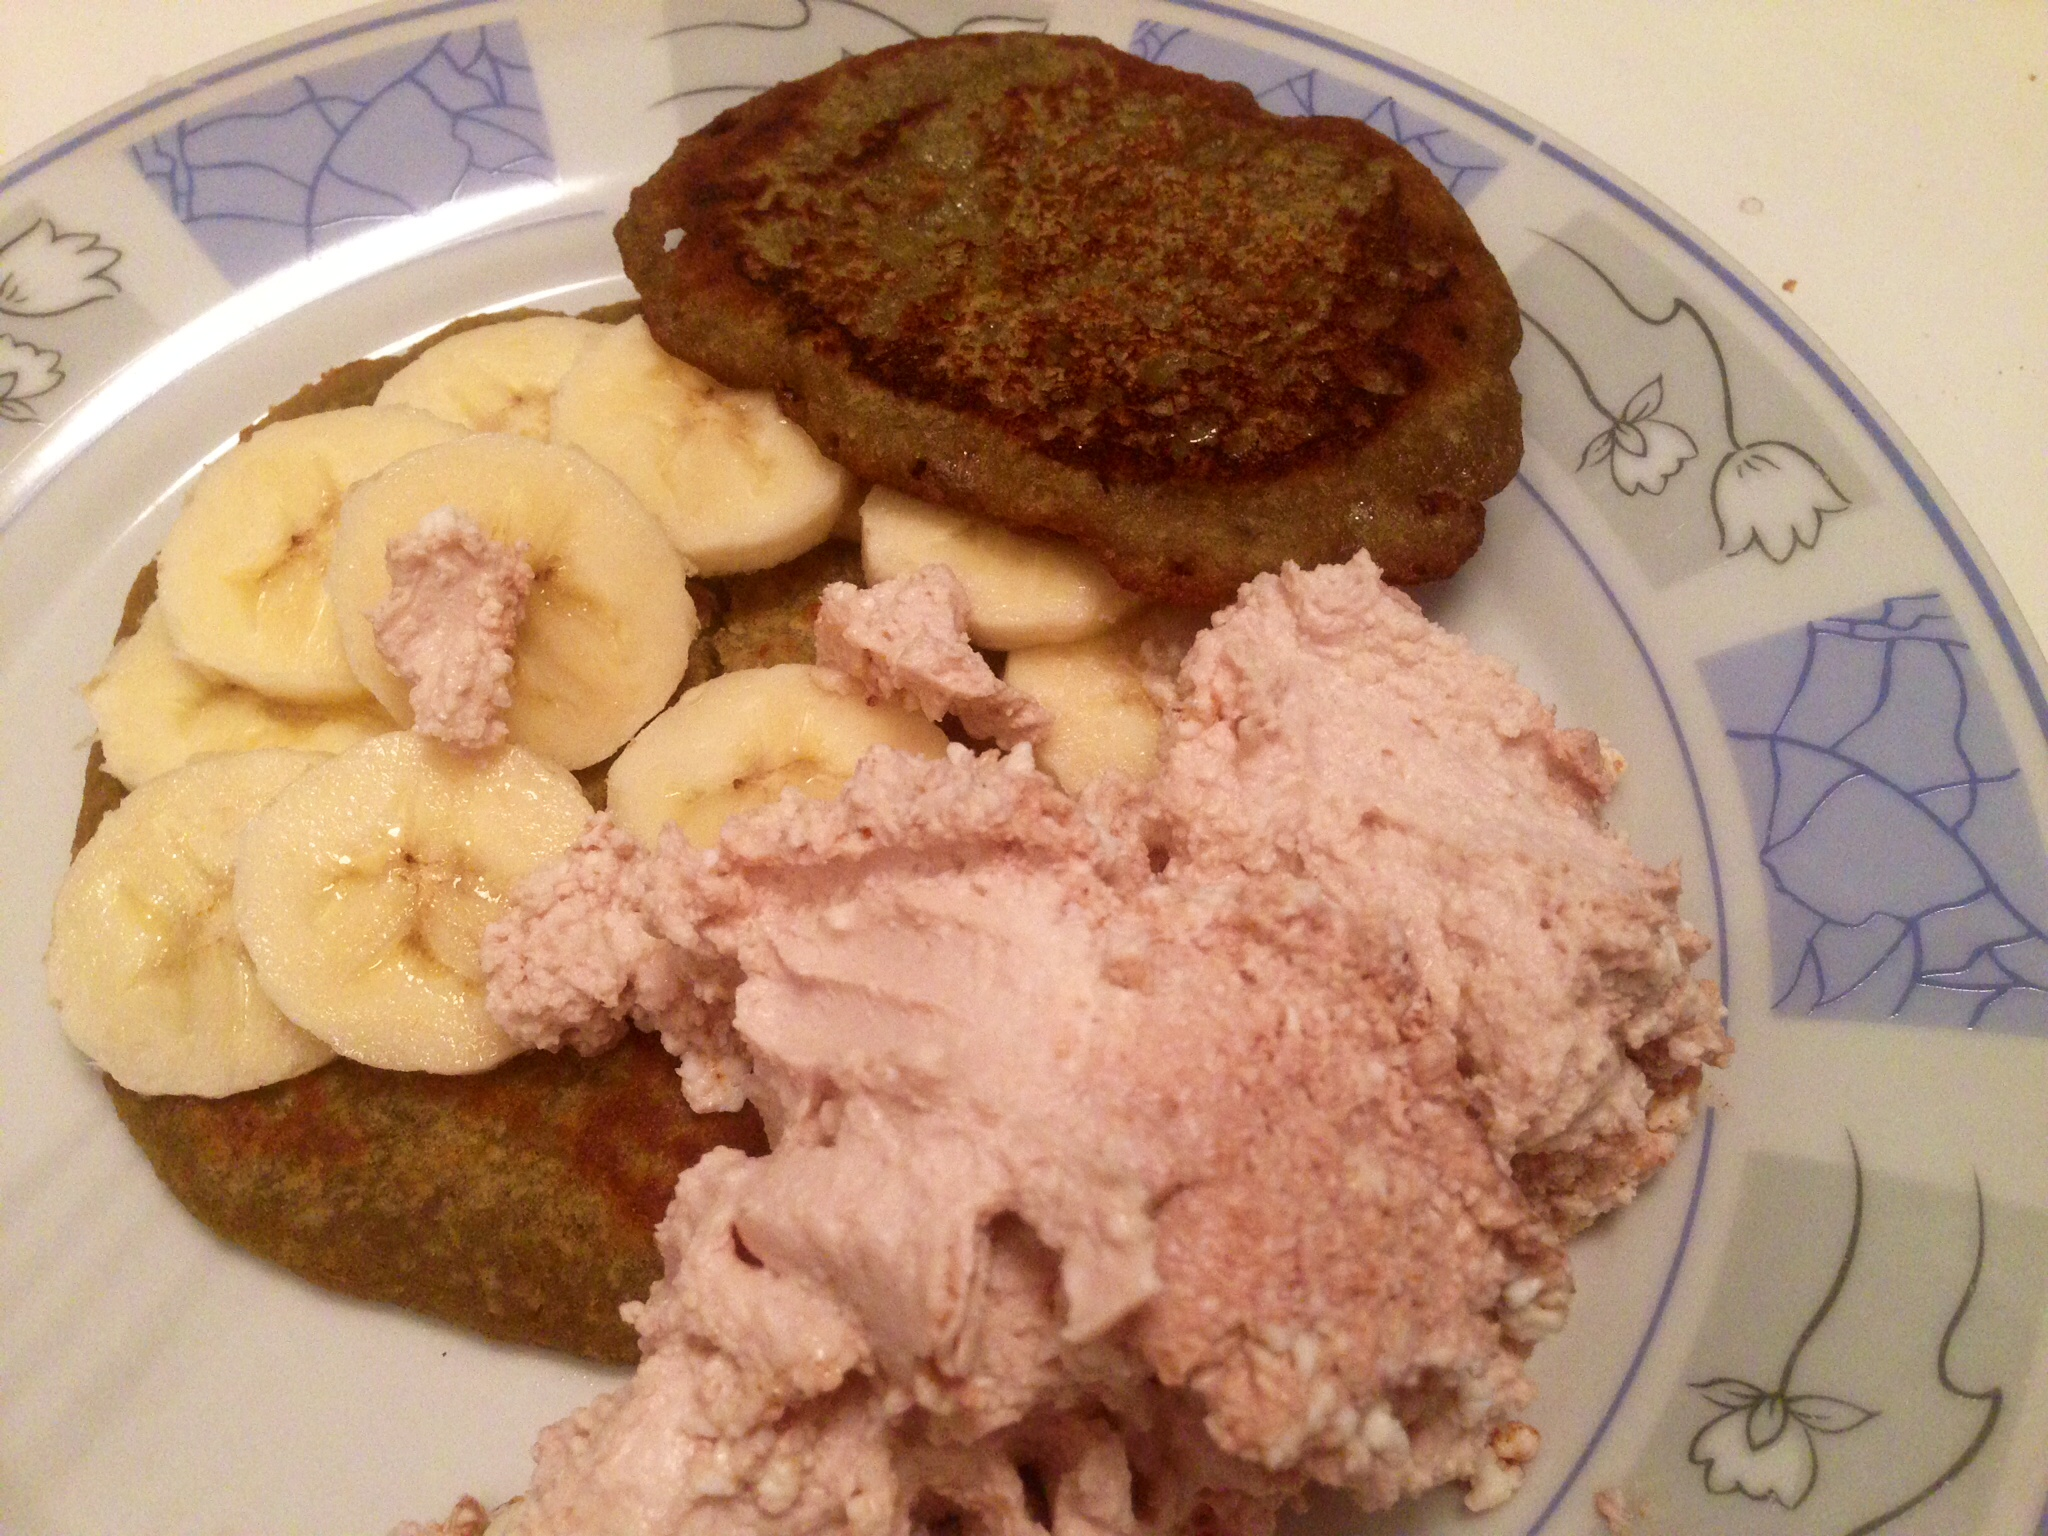 pretínové palacinky s banánmi, tvarohom s kakaom a medom. Na prd fotka, ale chutí dobre.